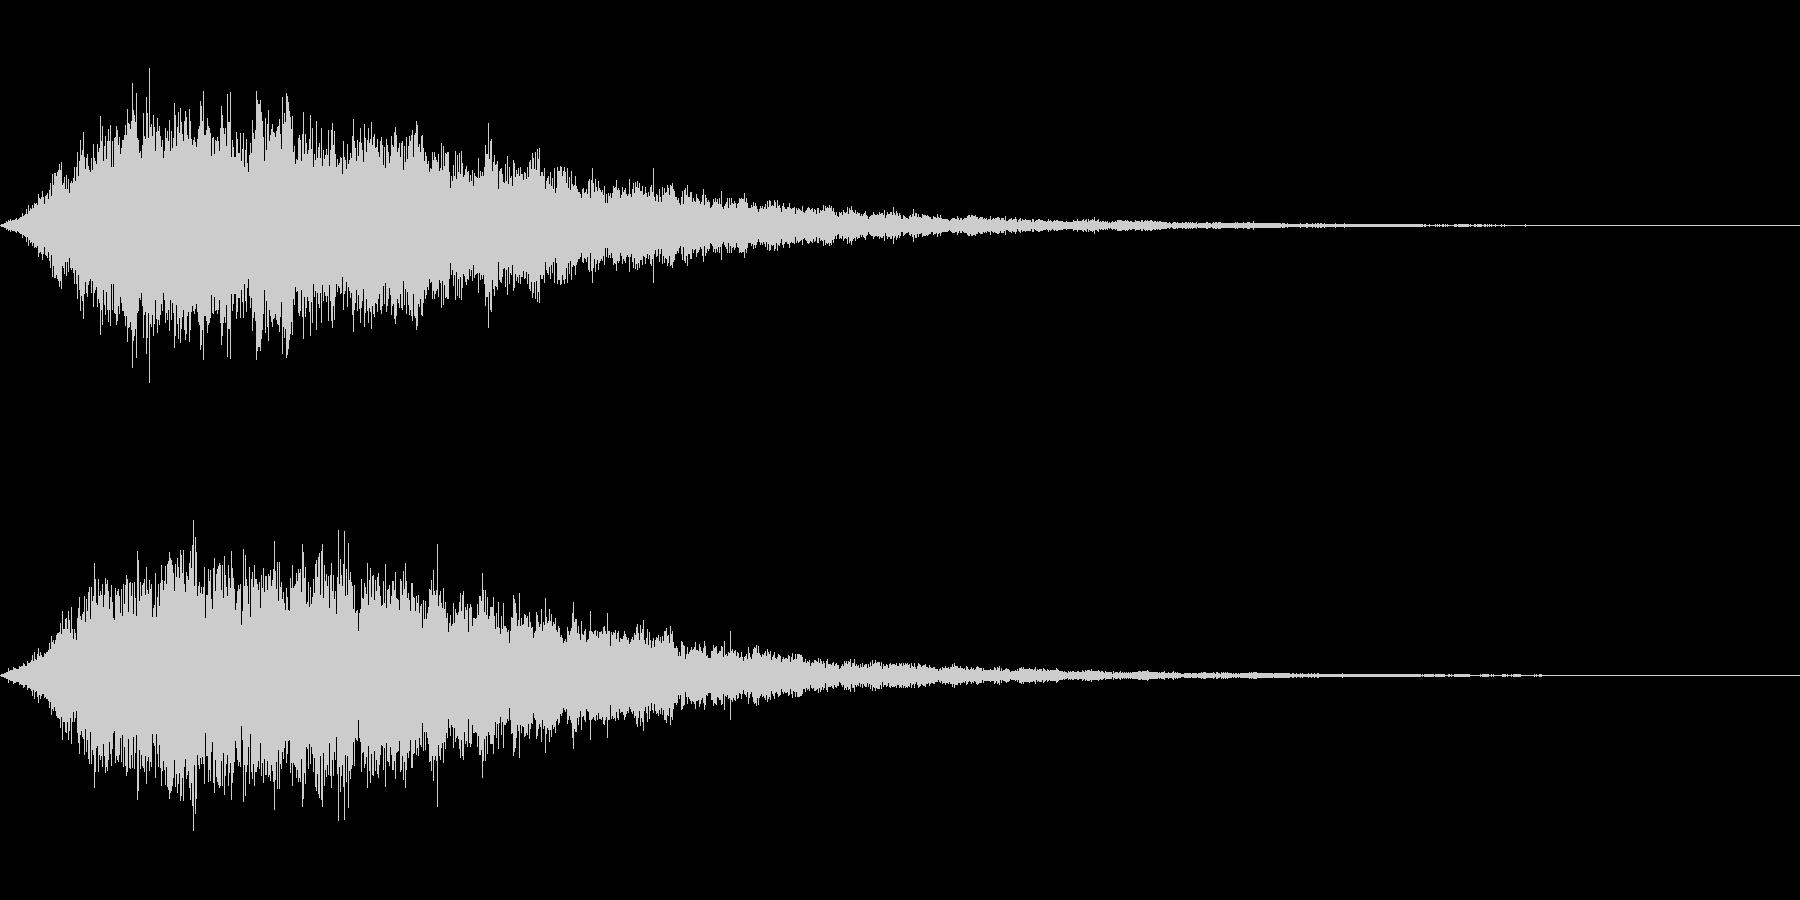 シュワーン(神聖なシンセパッド)の未再生の波形